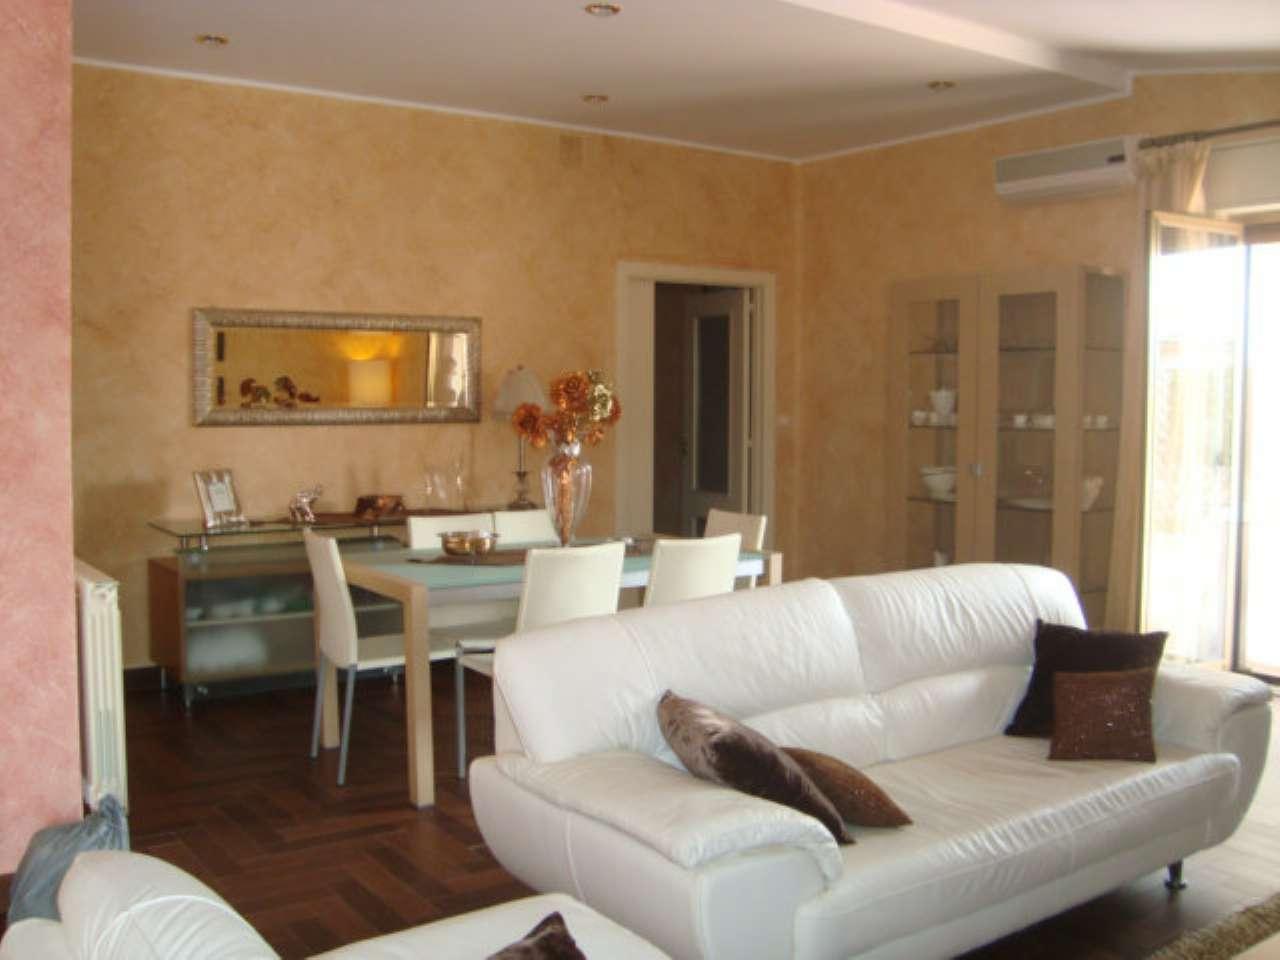 Attico / Mansarda in vendita a San Giovanni la Punta, 9999 locali, prezzo € 200.000 | Cambio Casa.it